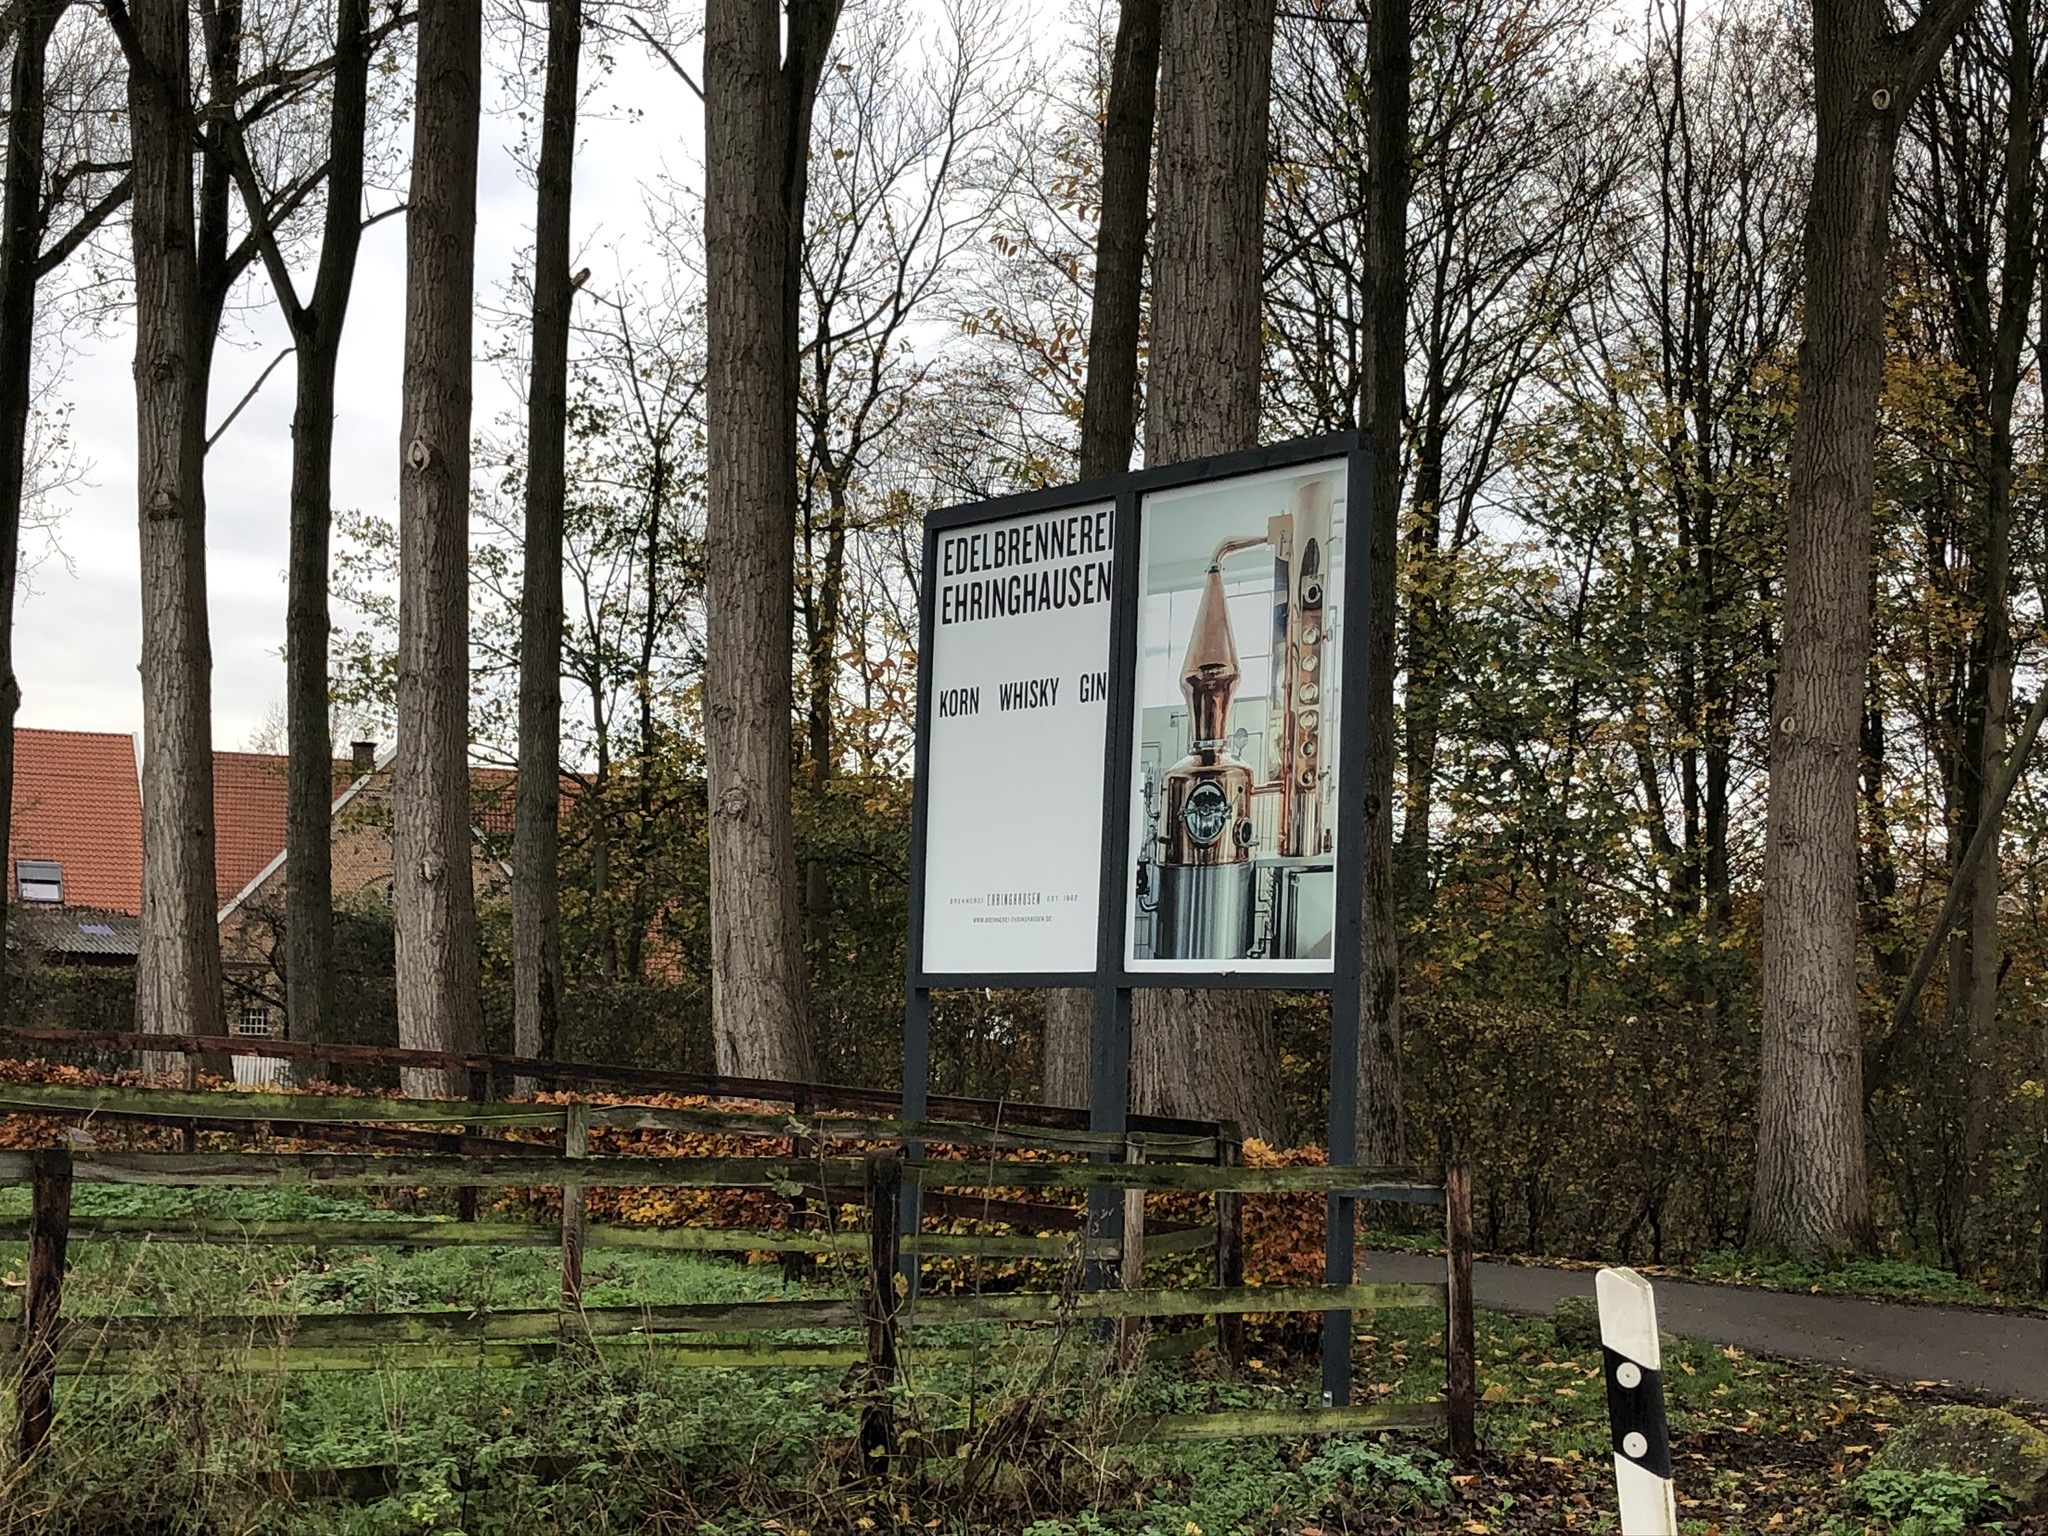 Edle Brände gibt es in der Brennerei Ehringhausen